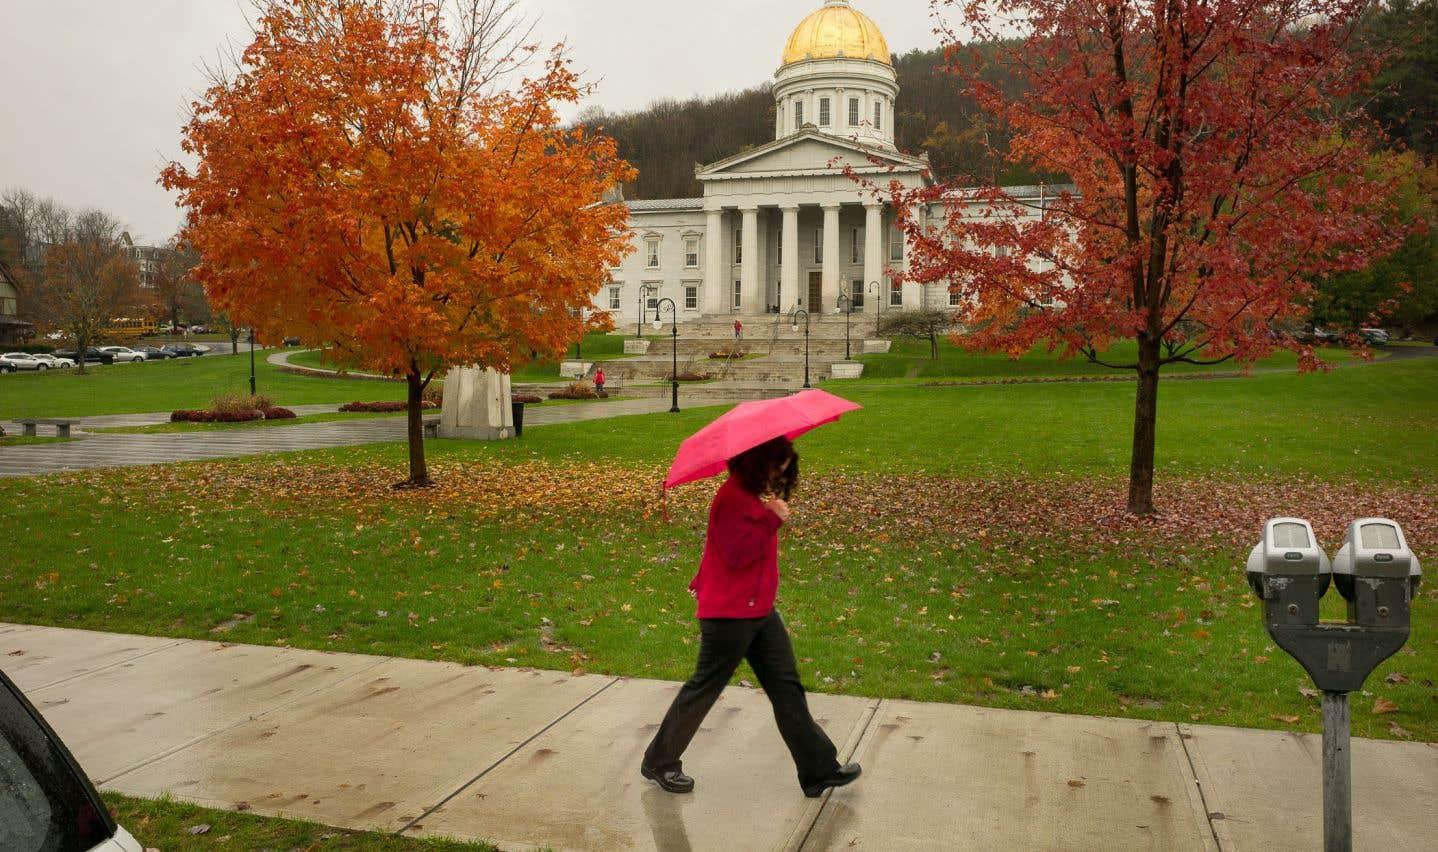 Un an après l'élection, les trumpistes se font discrets au Vermont